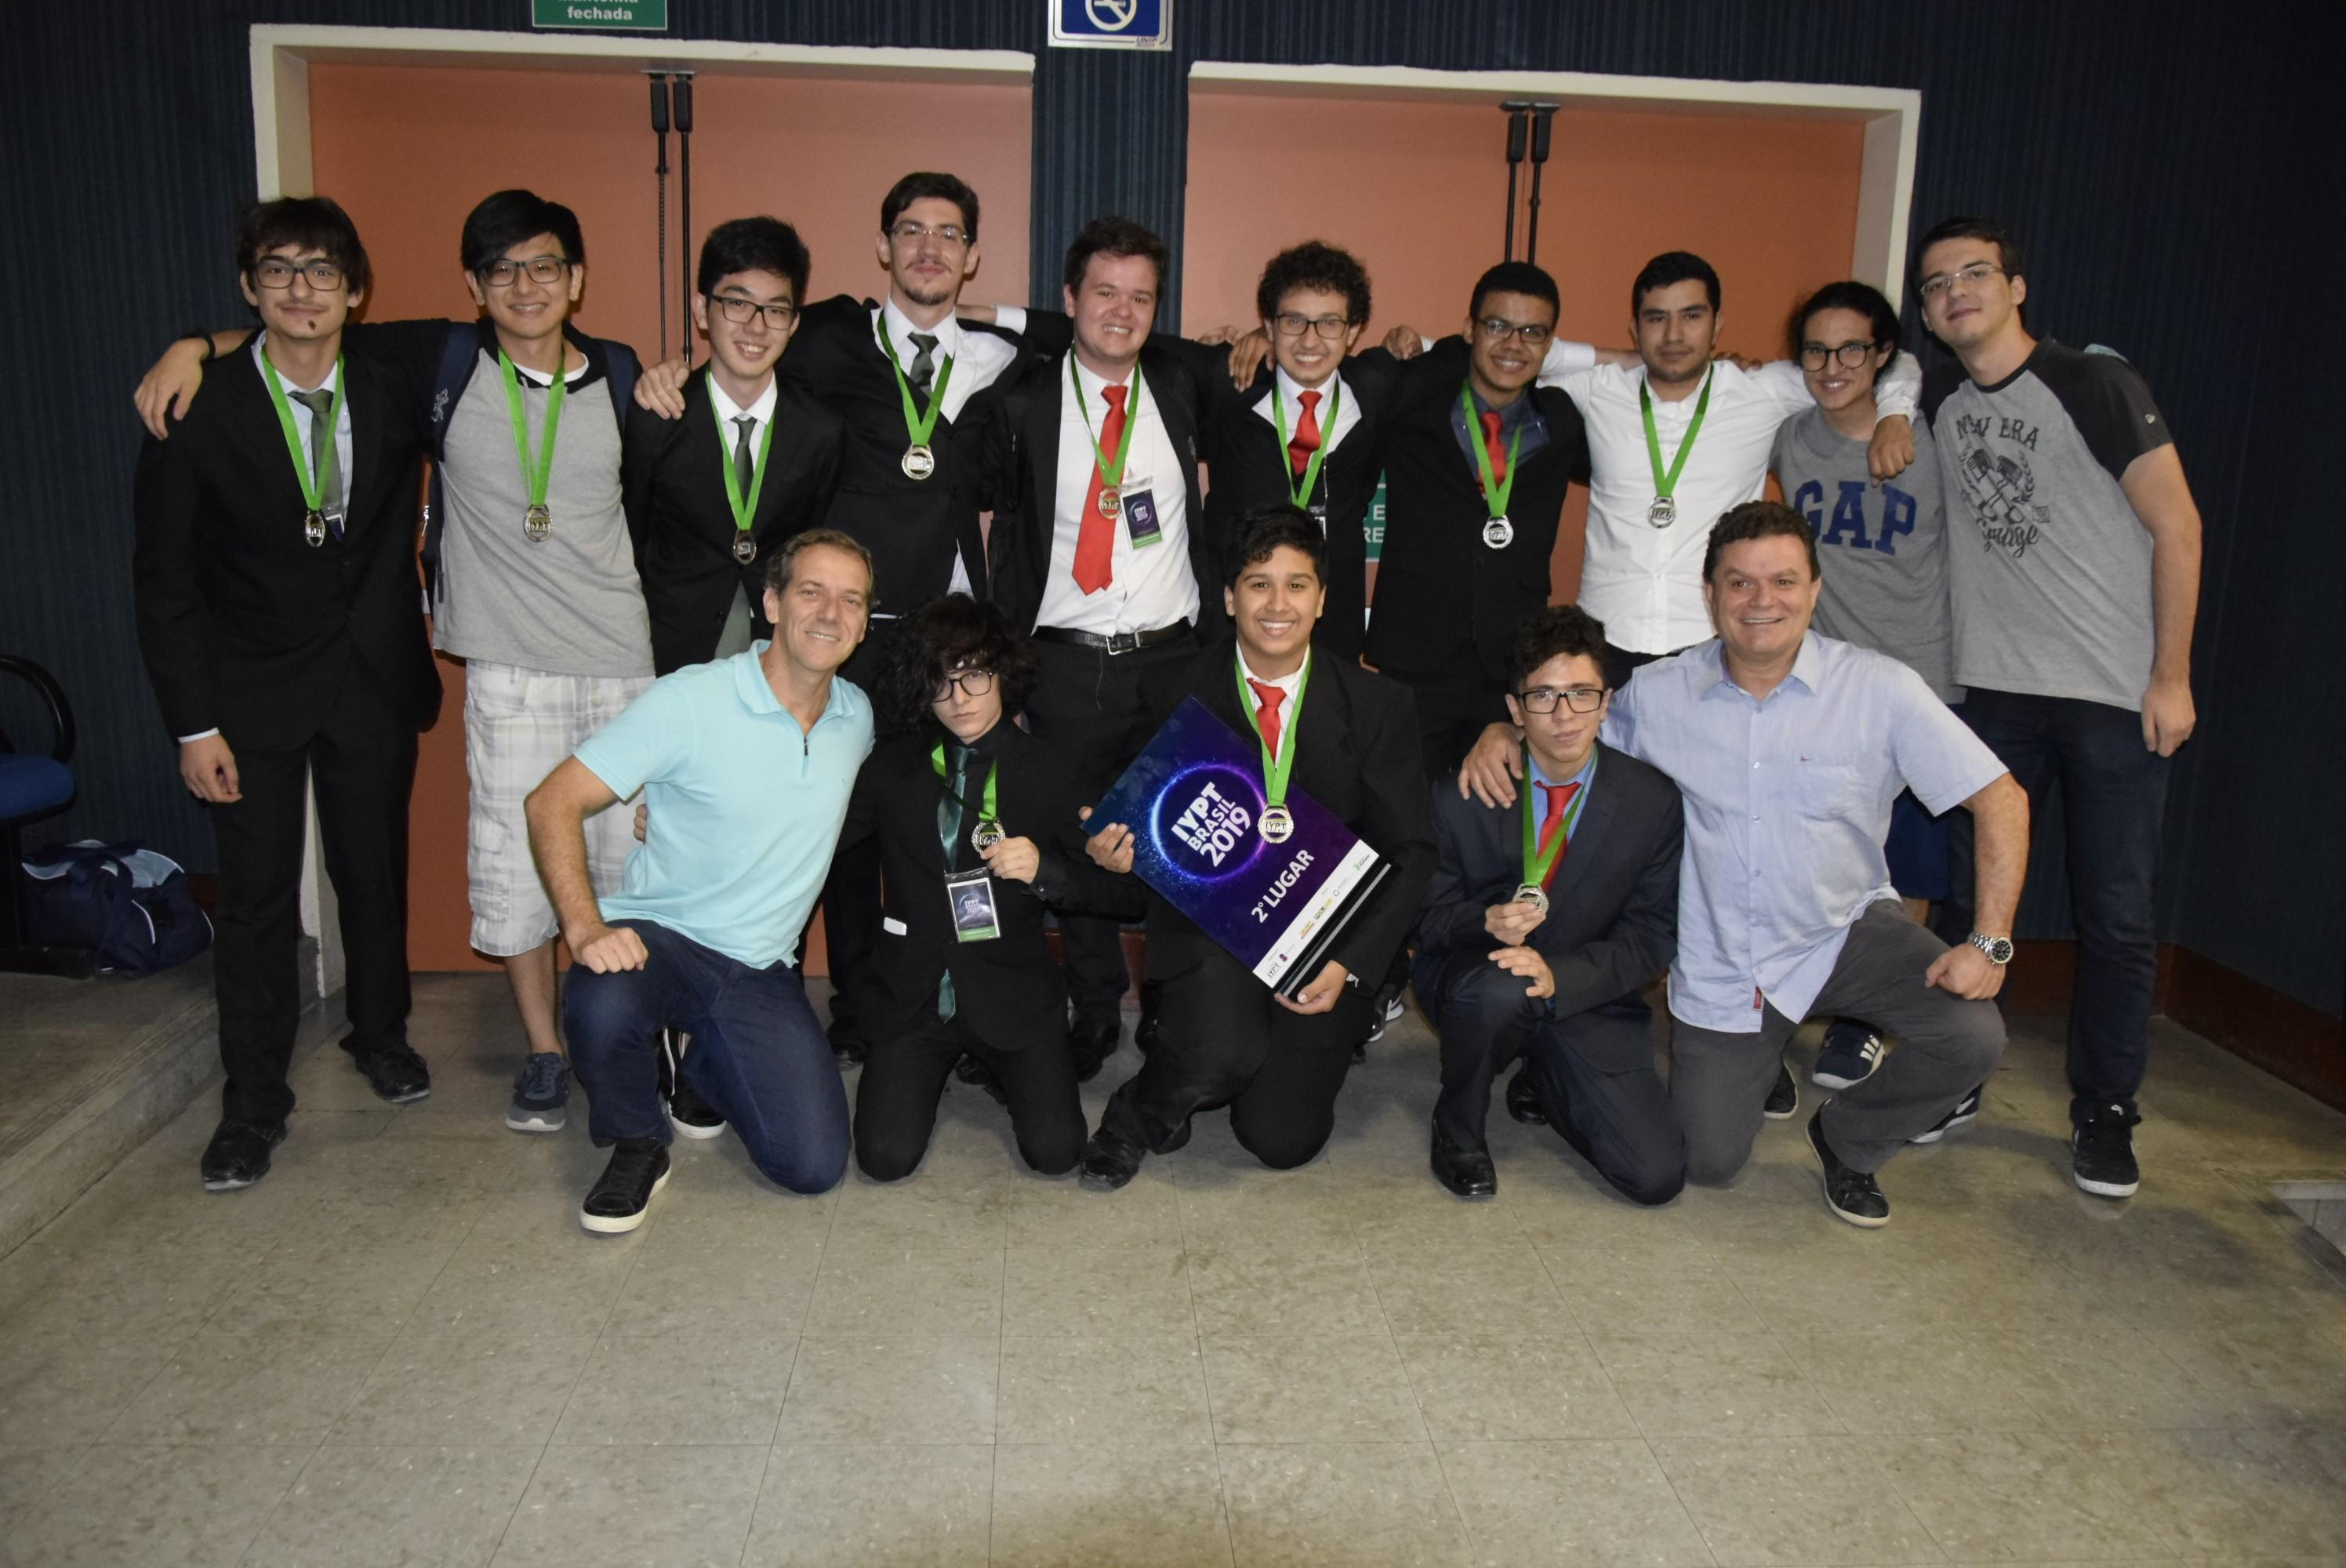 Dois grupos do Colégio Objetivo ganharam medalhas de prata na etapa nacional, classificando-se para o Torneio Internacional de Jovens Físicos (IYPT) (Foto: Divulgação: Objetivo)